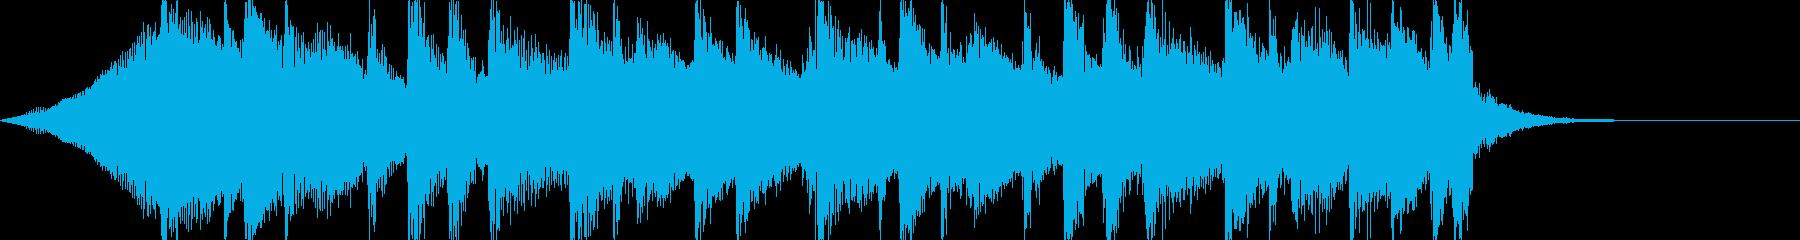 透明感あるアコギのサウンドロゴ、ジングルの再生済みの波形